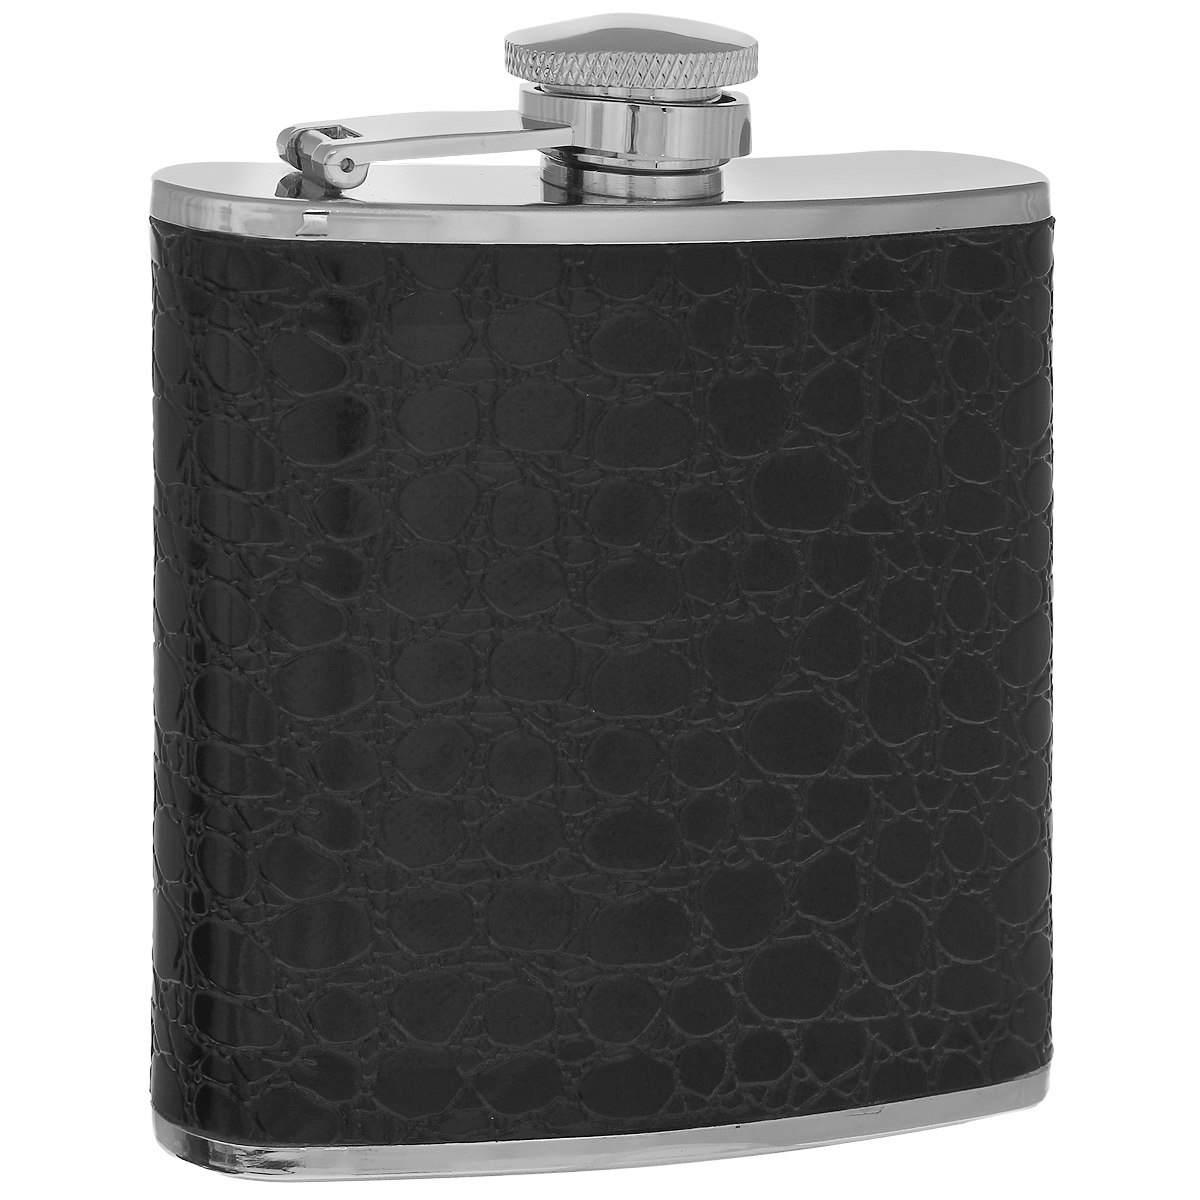 Фляга S.Quire Черный крокодил, 150 мл0003929Фляга S.Quire изготовлена из нержавеющей стали 18/10 и оформлена вставкой из искусственной кожи черного цвета с декоративным тиснением под крокодила. Фляга специально предназначена для хранения алкогольных напитков. Ее нельзя использовать для напитков, содержащих кислоту, таких как сок и сердечные лекарства. Крышка плотно закрывается, предотвращая проливание. Фляга S.Quire - идеальный подарок для настоящих мужчин. Стильный дизайн, компактность и качество изделия, несомненно, порадуют любого мужчину.